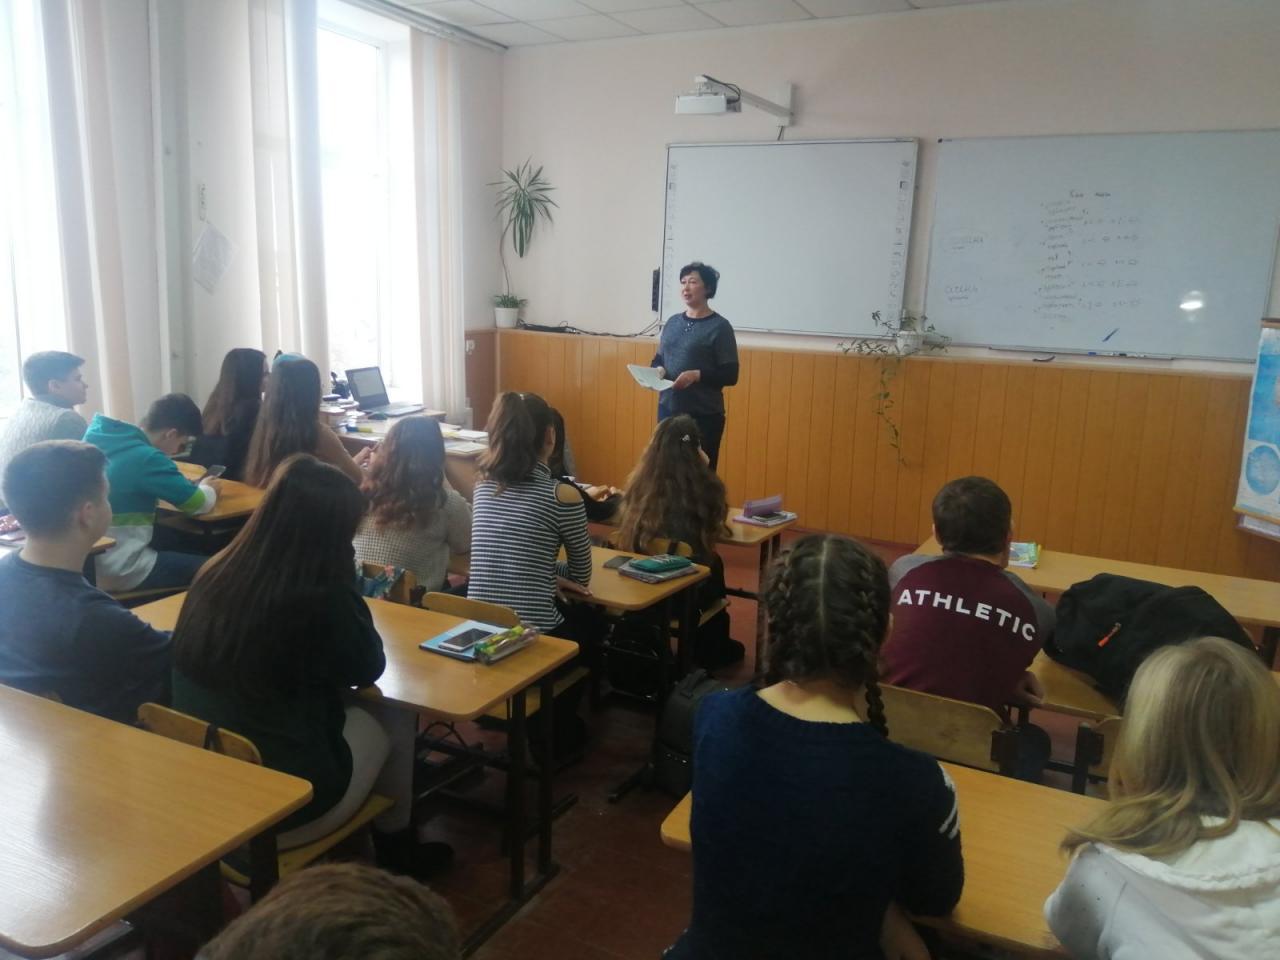 http://dunrada.gov.ua/uploadfile/archive_news/2020/02/25/2020-02-25_8653/images/images-96378.jpg